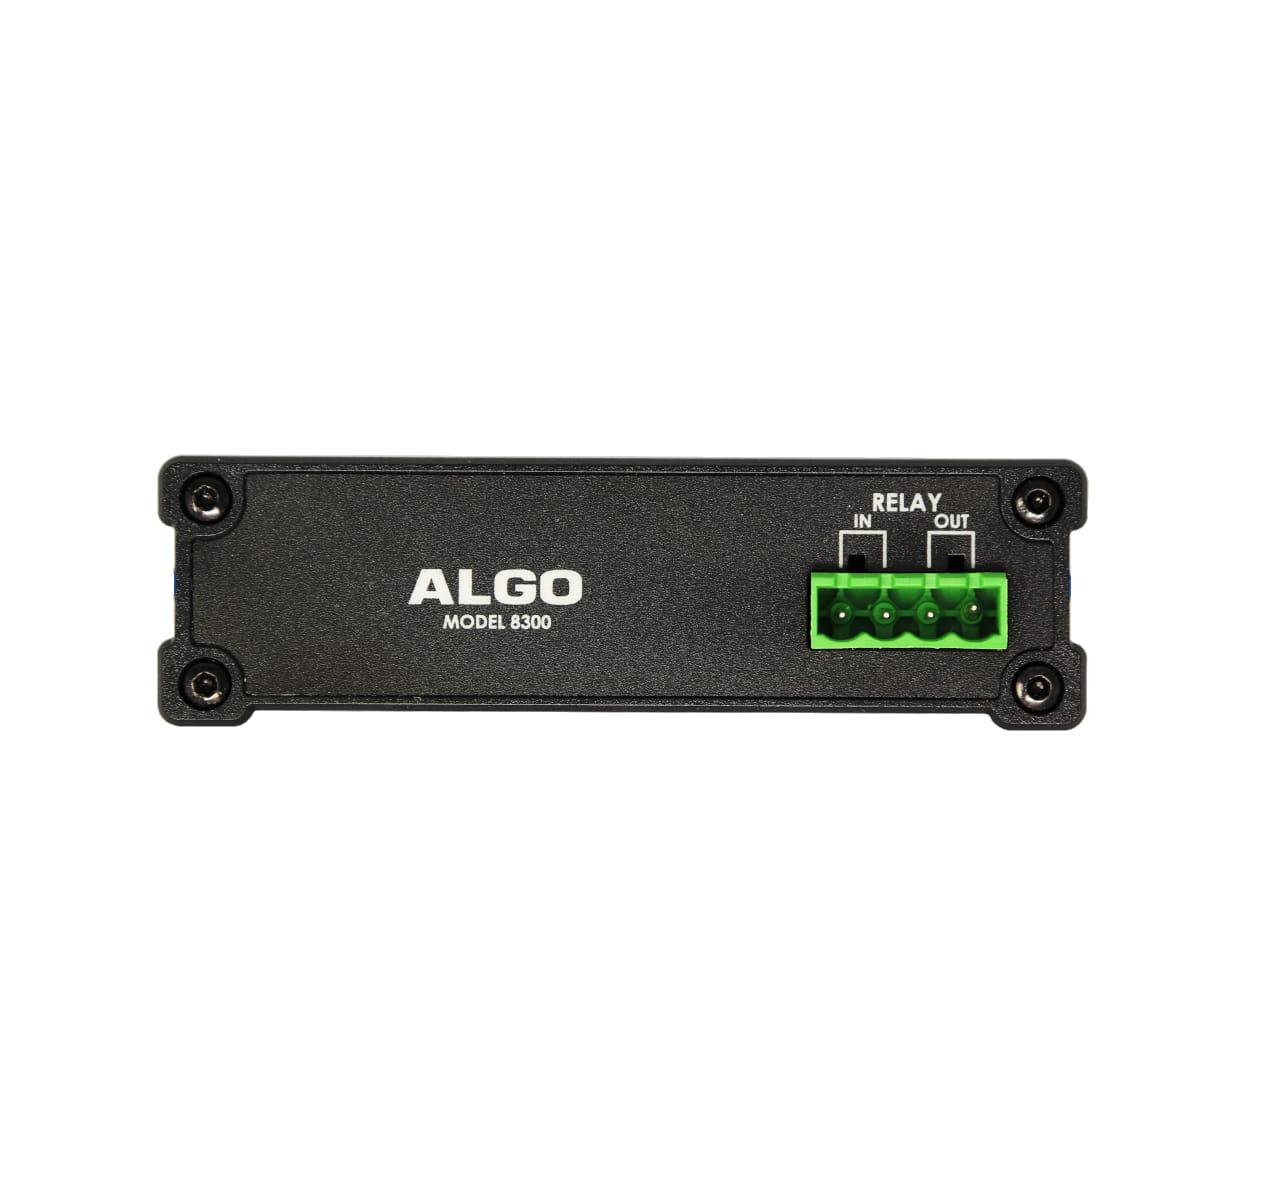 Algo 8300 Controller